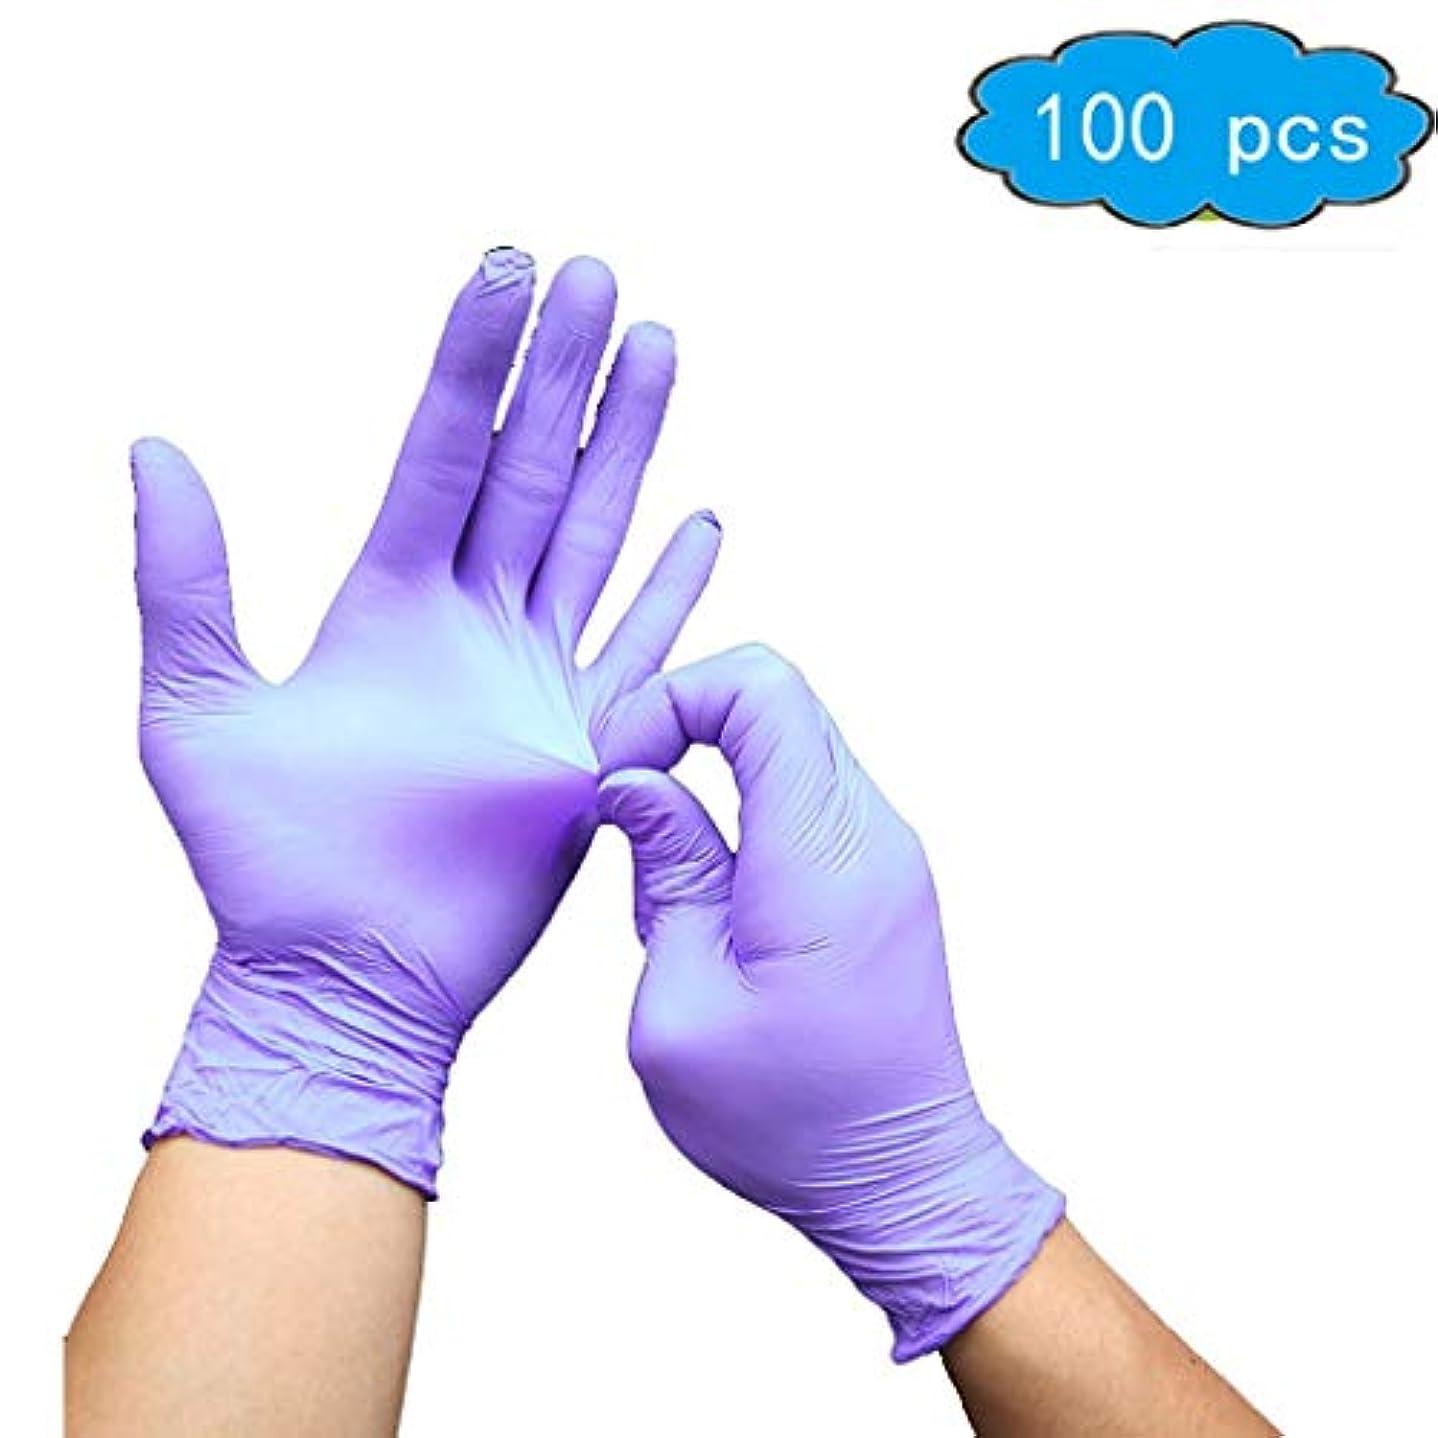 センサーせせらぎながら使い捨てニトリル手袋-4ミル、パウダーフリー、テクスチャード、使い捨て、小、100個入り、防水、ゴムラテックス、タトゥー、耐油性 (Color : Purple, Size : XS)